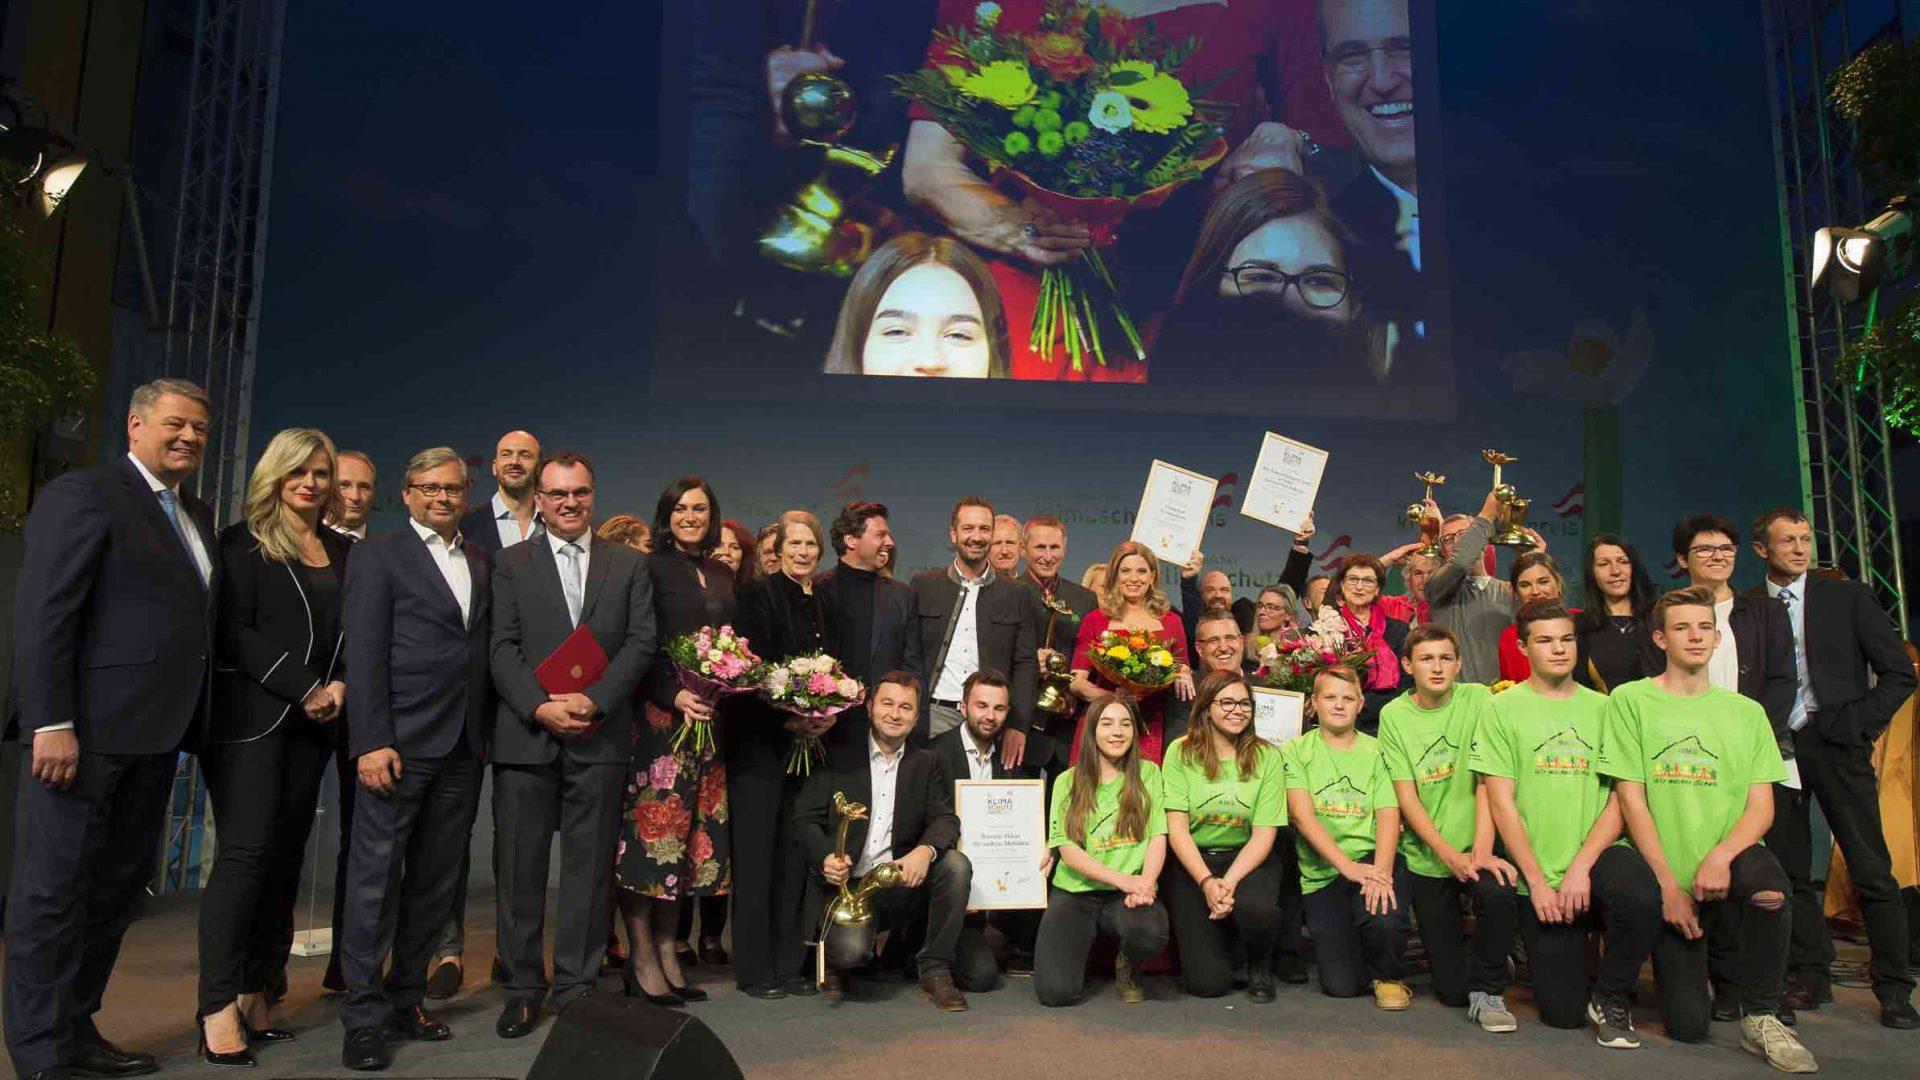 Umweltminister Andrä Rupprechter und ORF-Generaldirektor Alexander Wrabetz zeichneten die fünf Gewinner des Österreichischen Klimaschutzpreises 2017 in der Siemens City in Wien aus. ©Thomas Jantzen